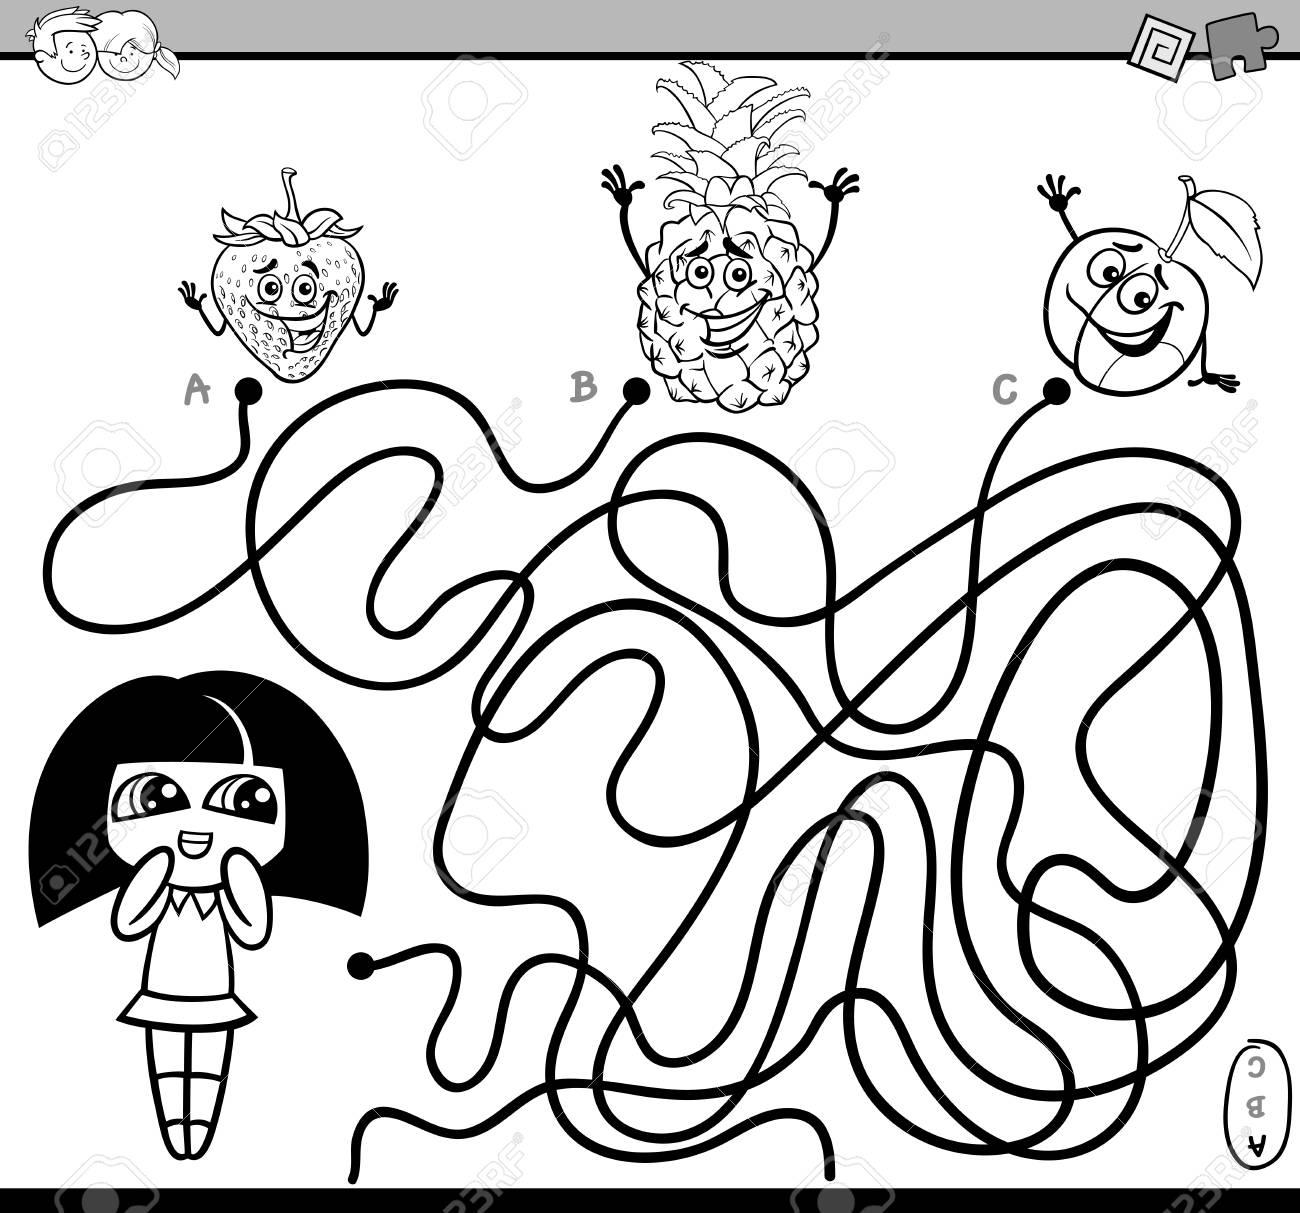 Illustration De Dessin Animé Noir Et Blanc De Parcours éducatifs Ou Activité De Puzzle Labyrinthe Avec Livre De Coloriage Fille Et Fruits